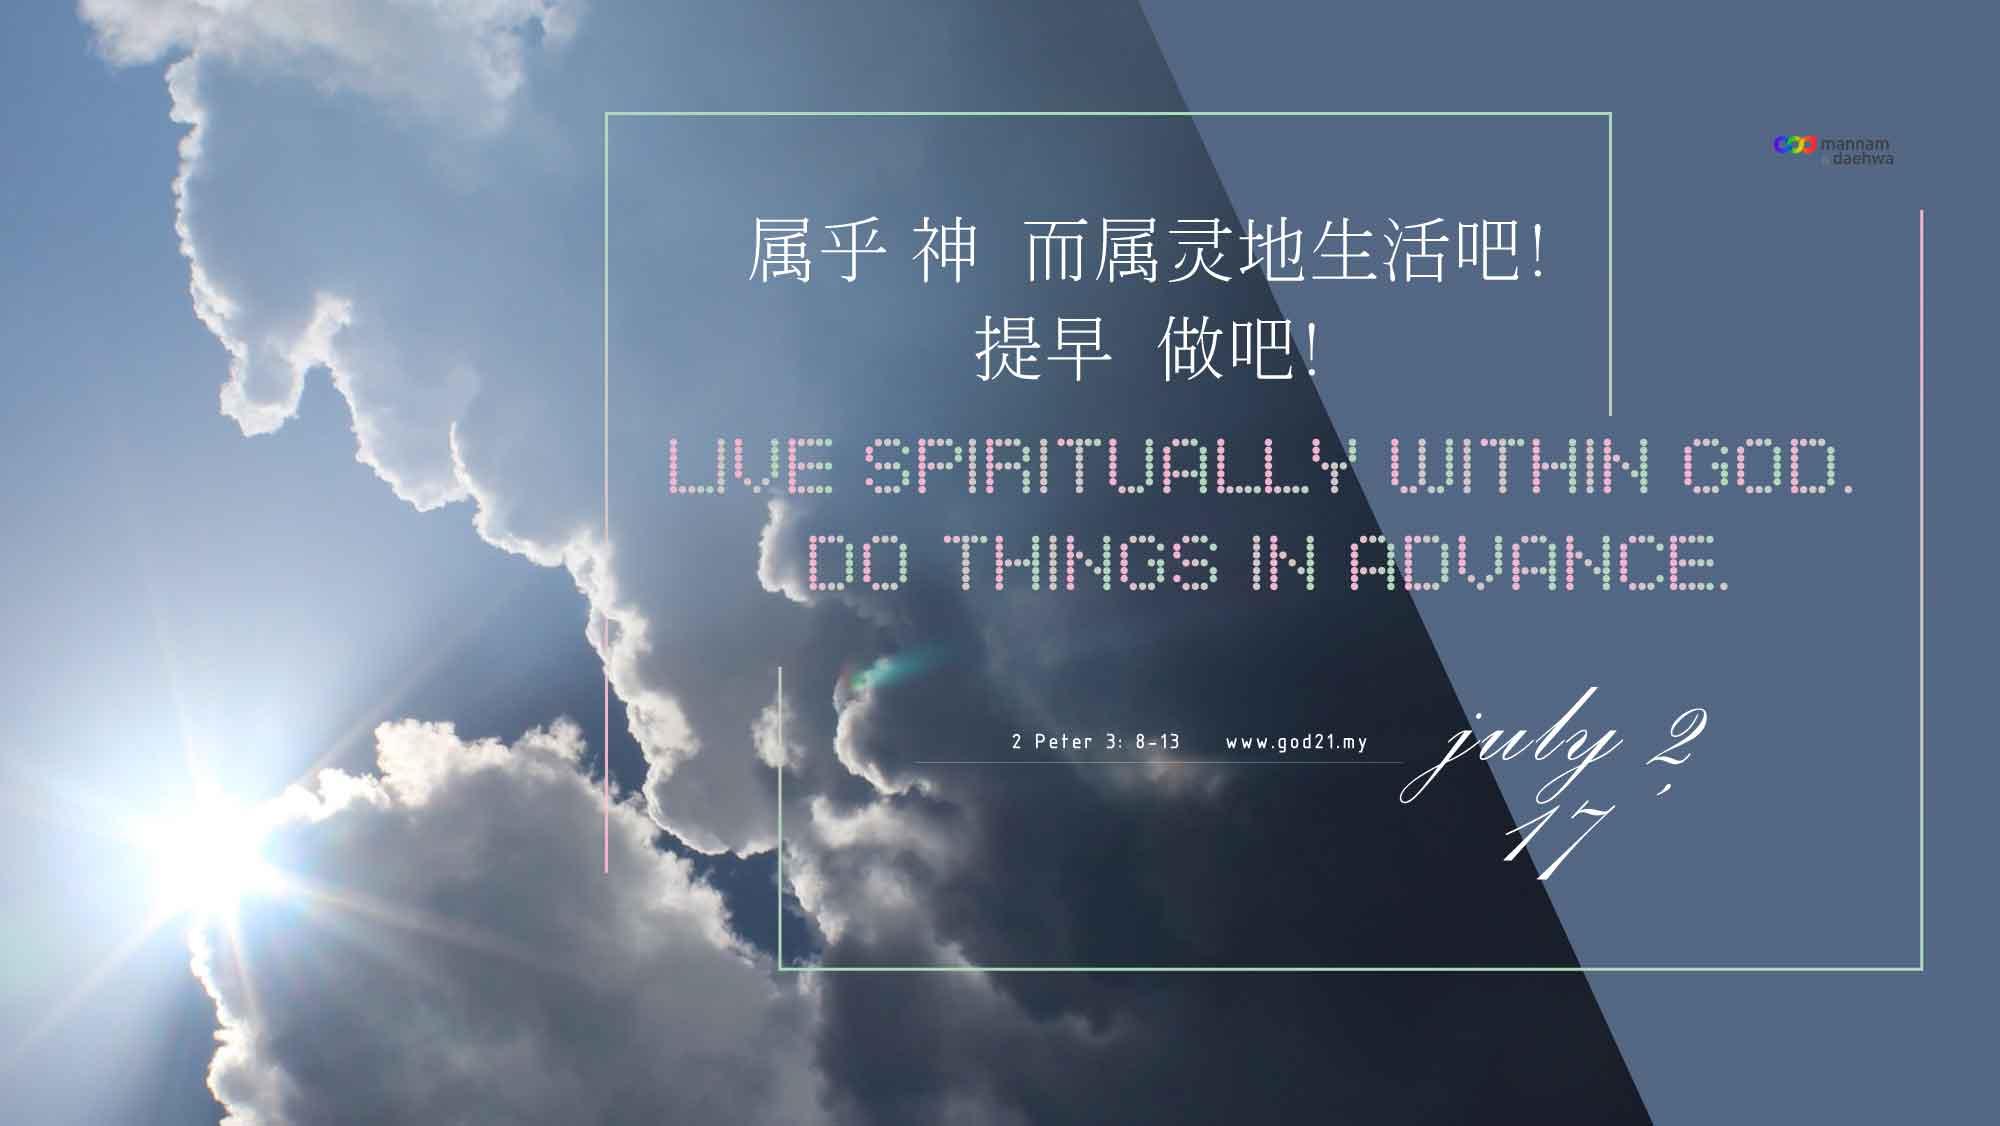 属乎 神而属灵地生活吧 提早做吧